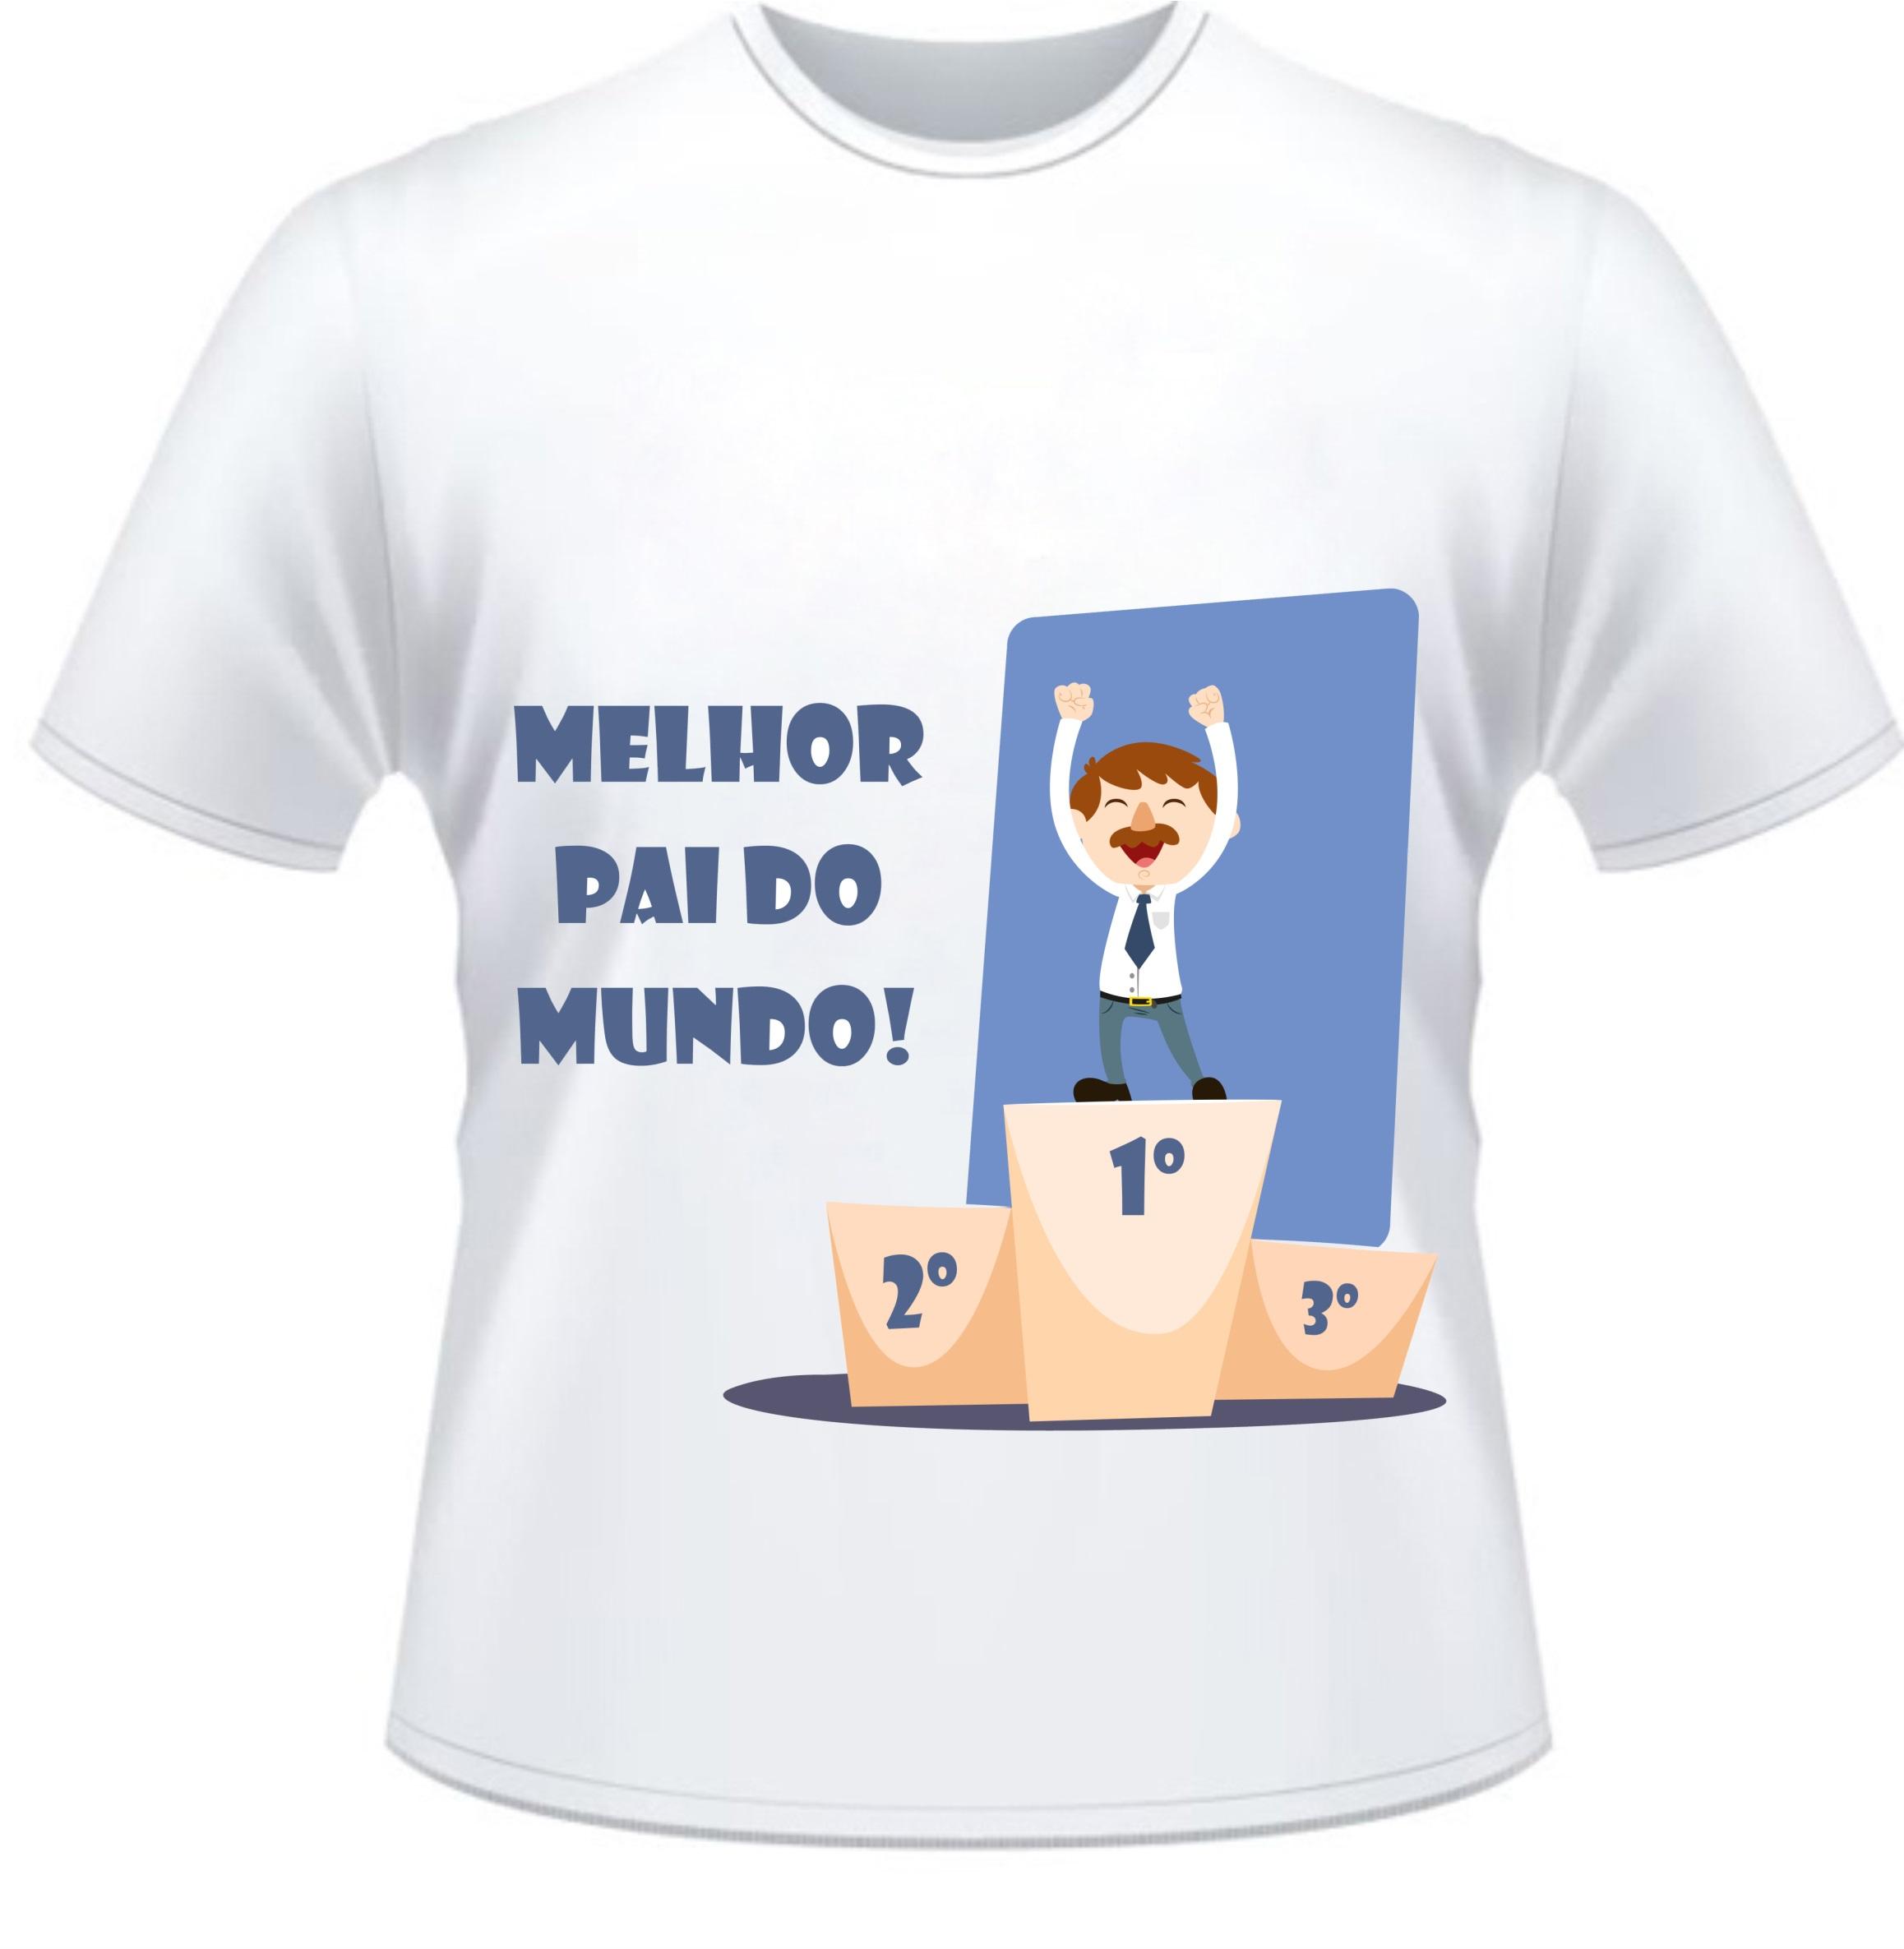 88e1988c7da43 Camiseta Melhor Vovó do mundo no Elo7